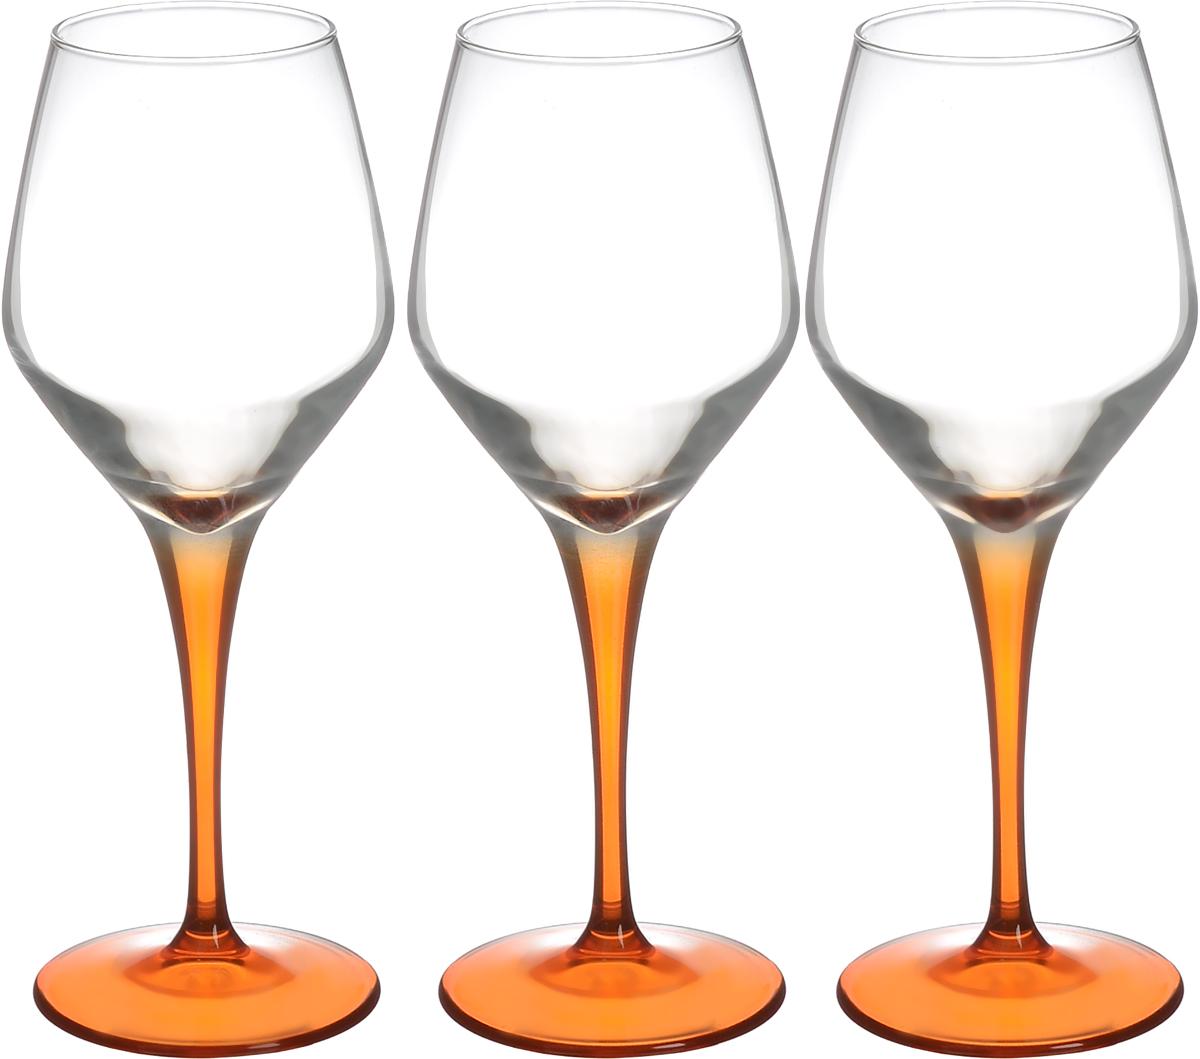 Набор фужеров Pasabahce Workshop Dream, цвет: прозрачный, оранжевый, 380 мл, 3 штVT-1520(SR)Набор Pasabahce Workshop Dream, выполненный из стекла прозрачного и оранжевого цвета, состоит из 3 изящных фужеров на ножках, которые излучают приятный блеск и издают мелодичный хрустальный звон. Фужеры идеально подойдут для сервировки стола и станут отличным подарком к любому празднику. Диаметр (по верхнему краю): 6 см.Высота фужера: 22,5 см.Диаметр основания: 8 см.